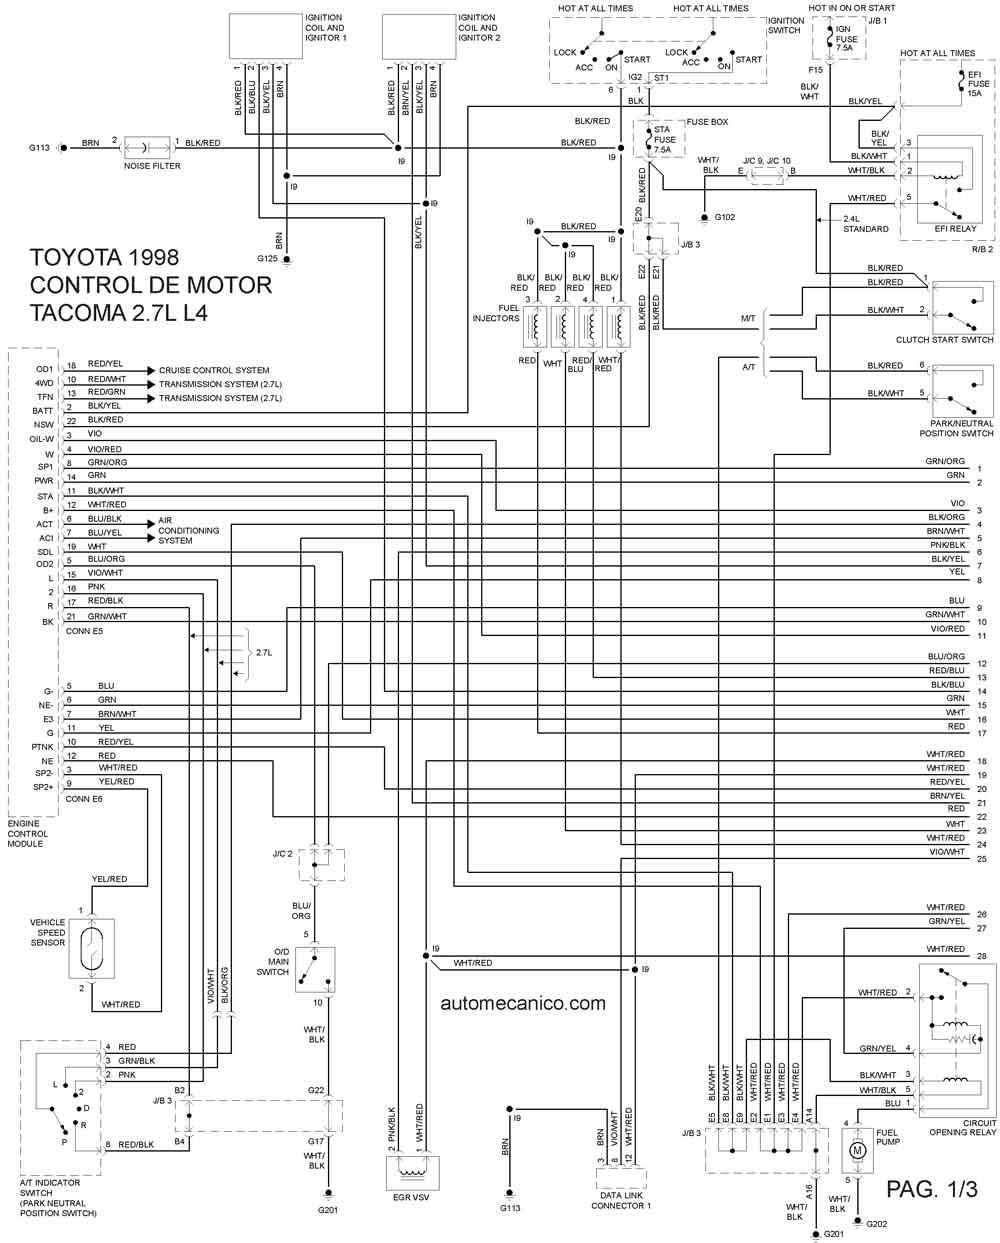 toyota 3 4l v6 Diagrama del motor